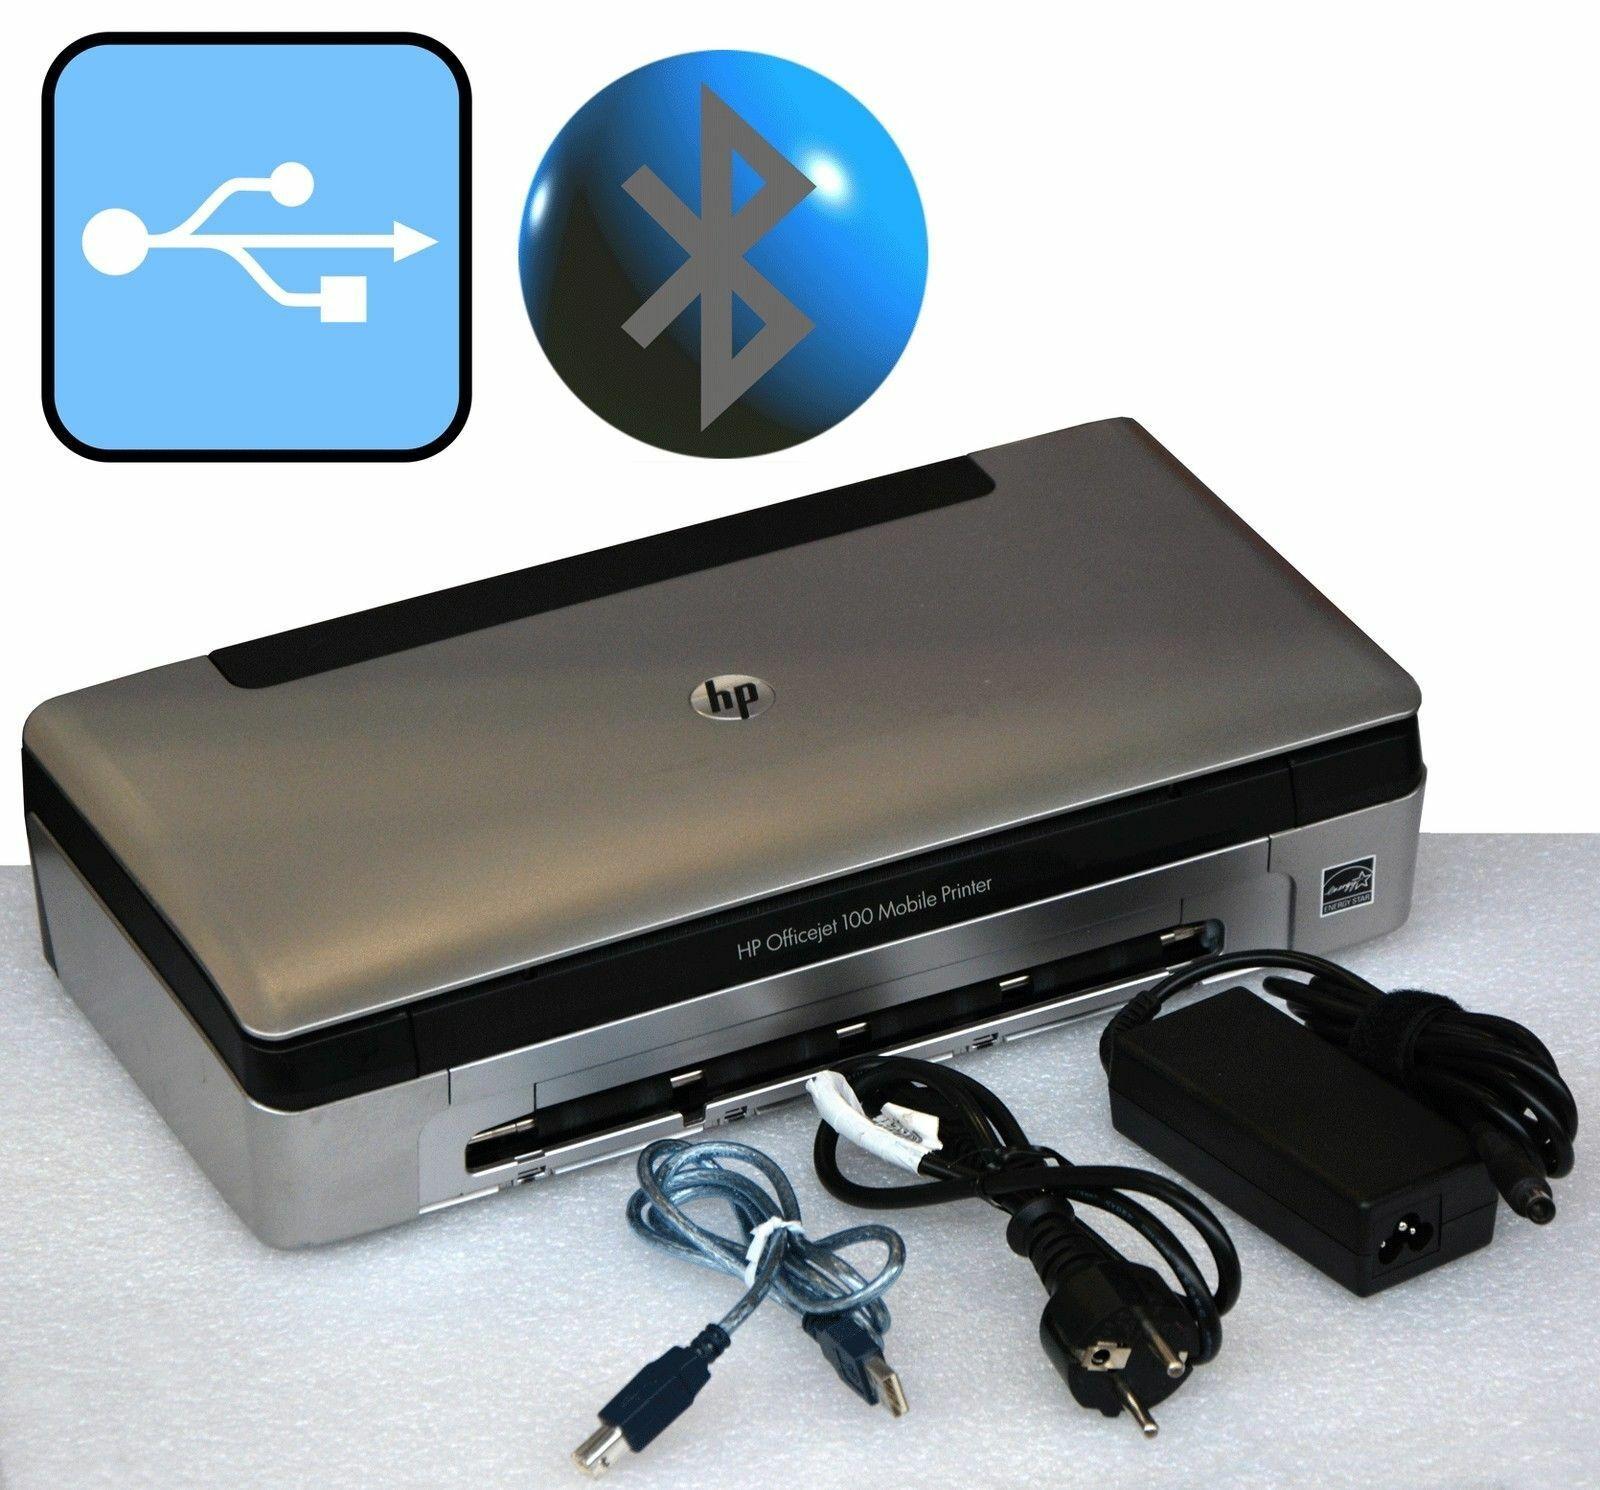 Portable petit imprimante hp officejet 100 usb m.bluetooth pour windows xp 7 8